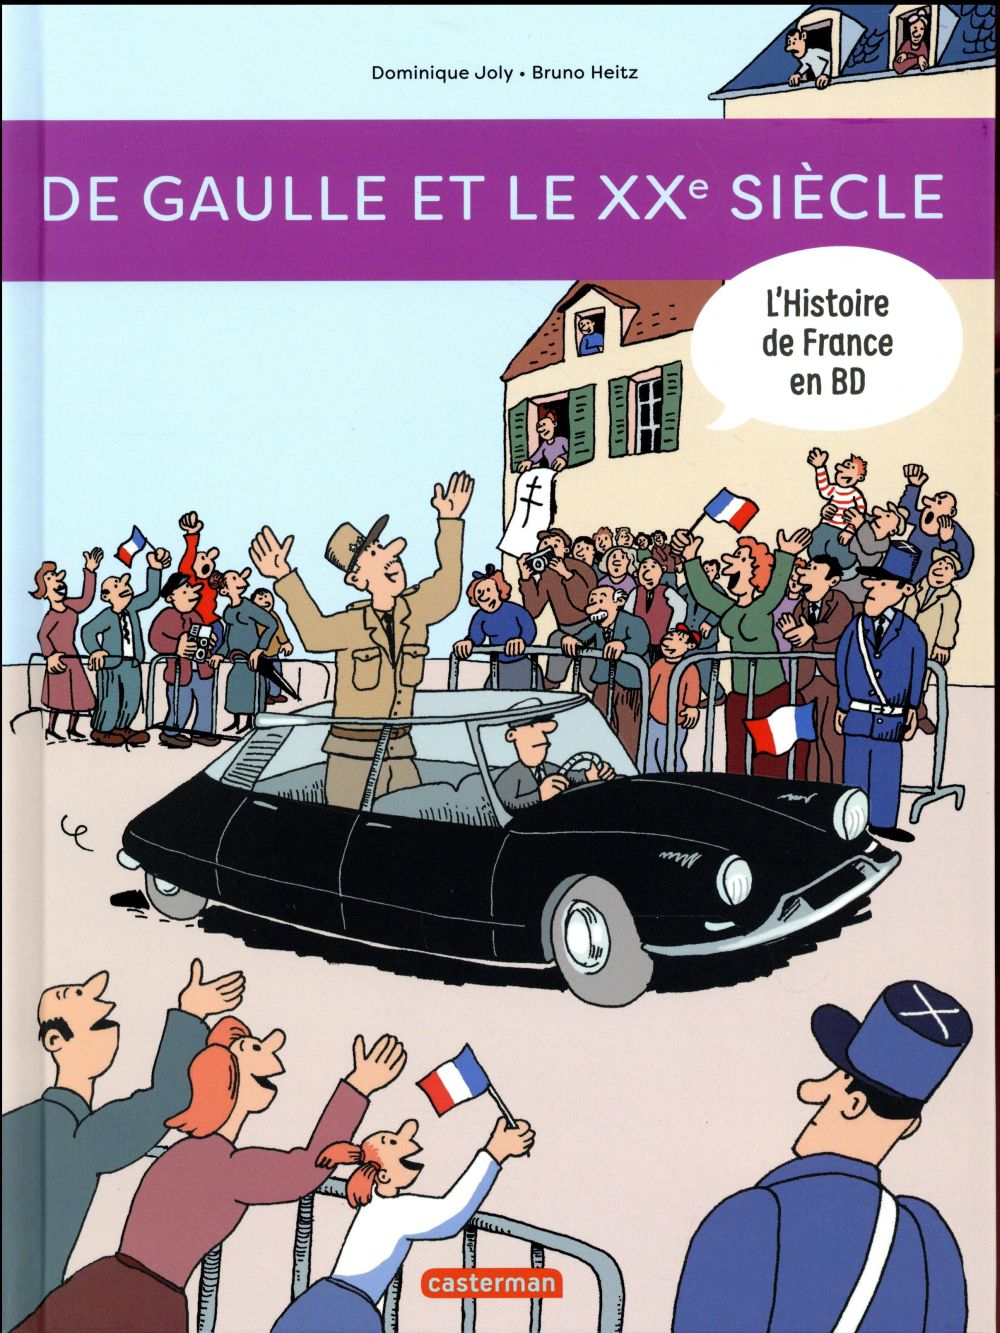 DE GAULLE ET LE XXE SIECLE